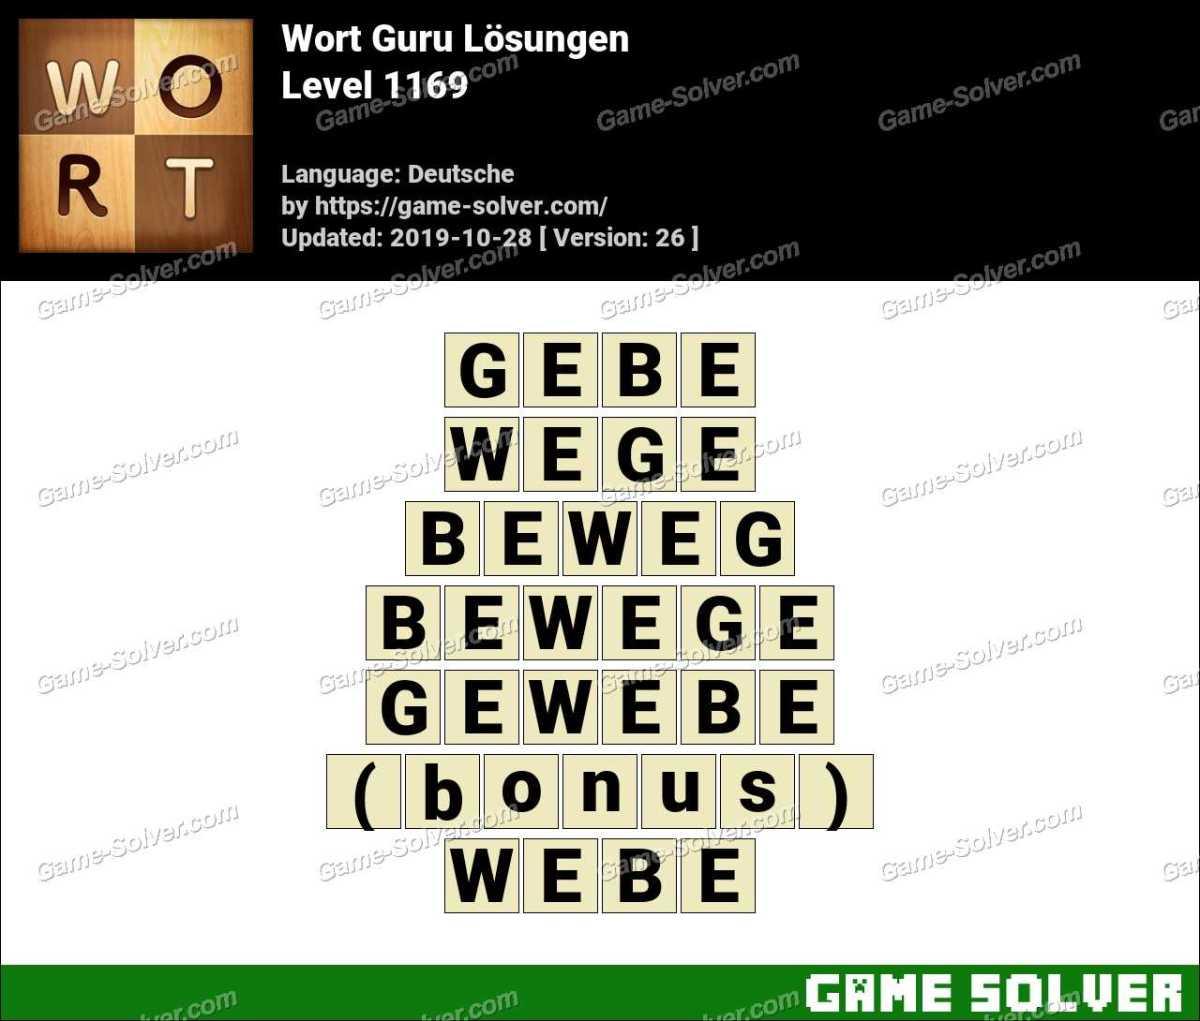 Wort Guru Level 1169 Lösungen